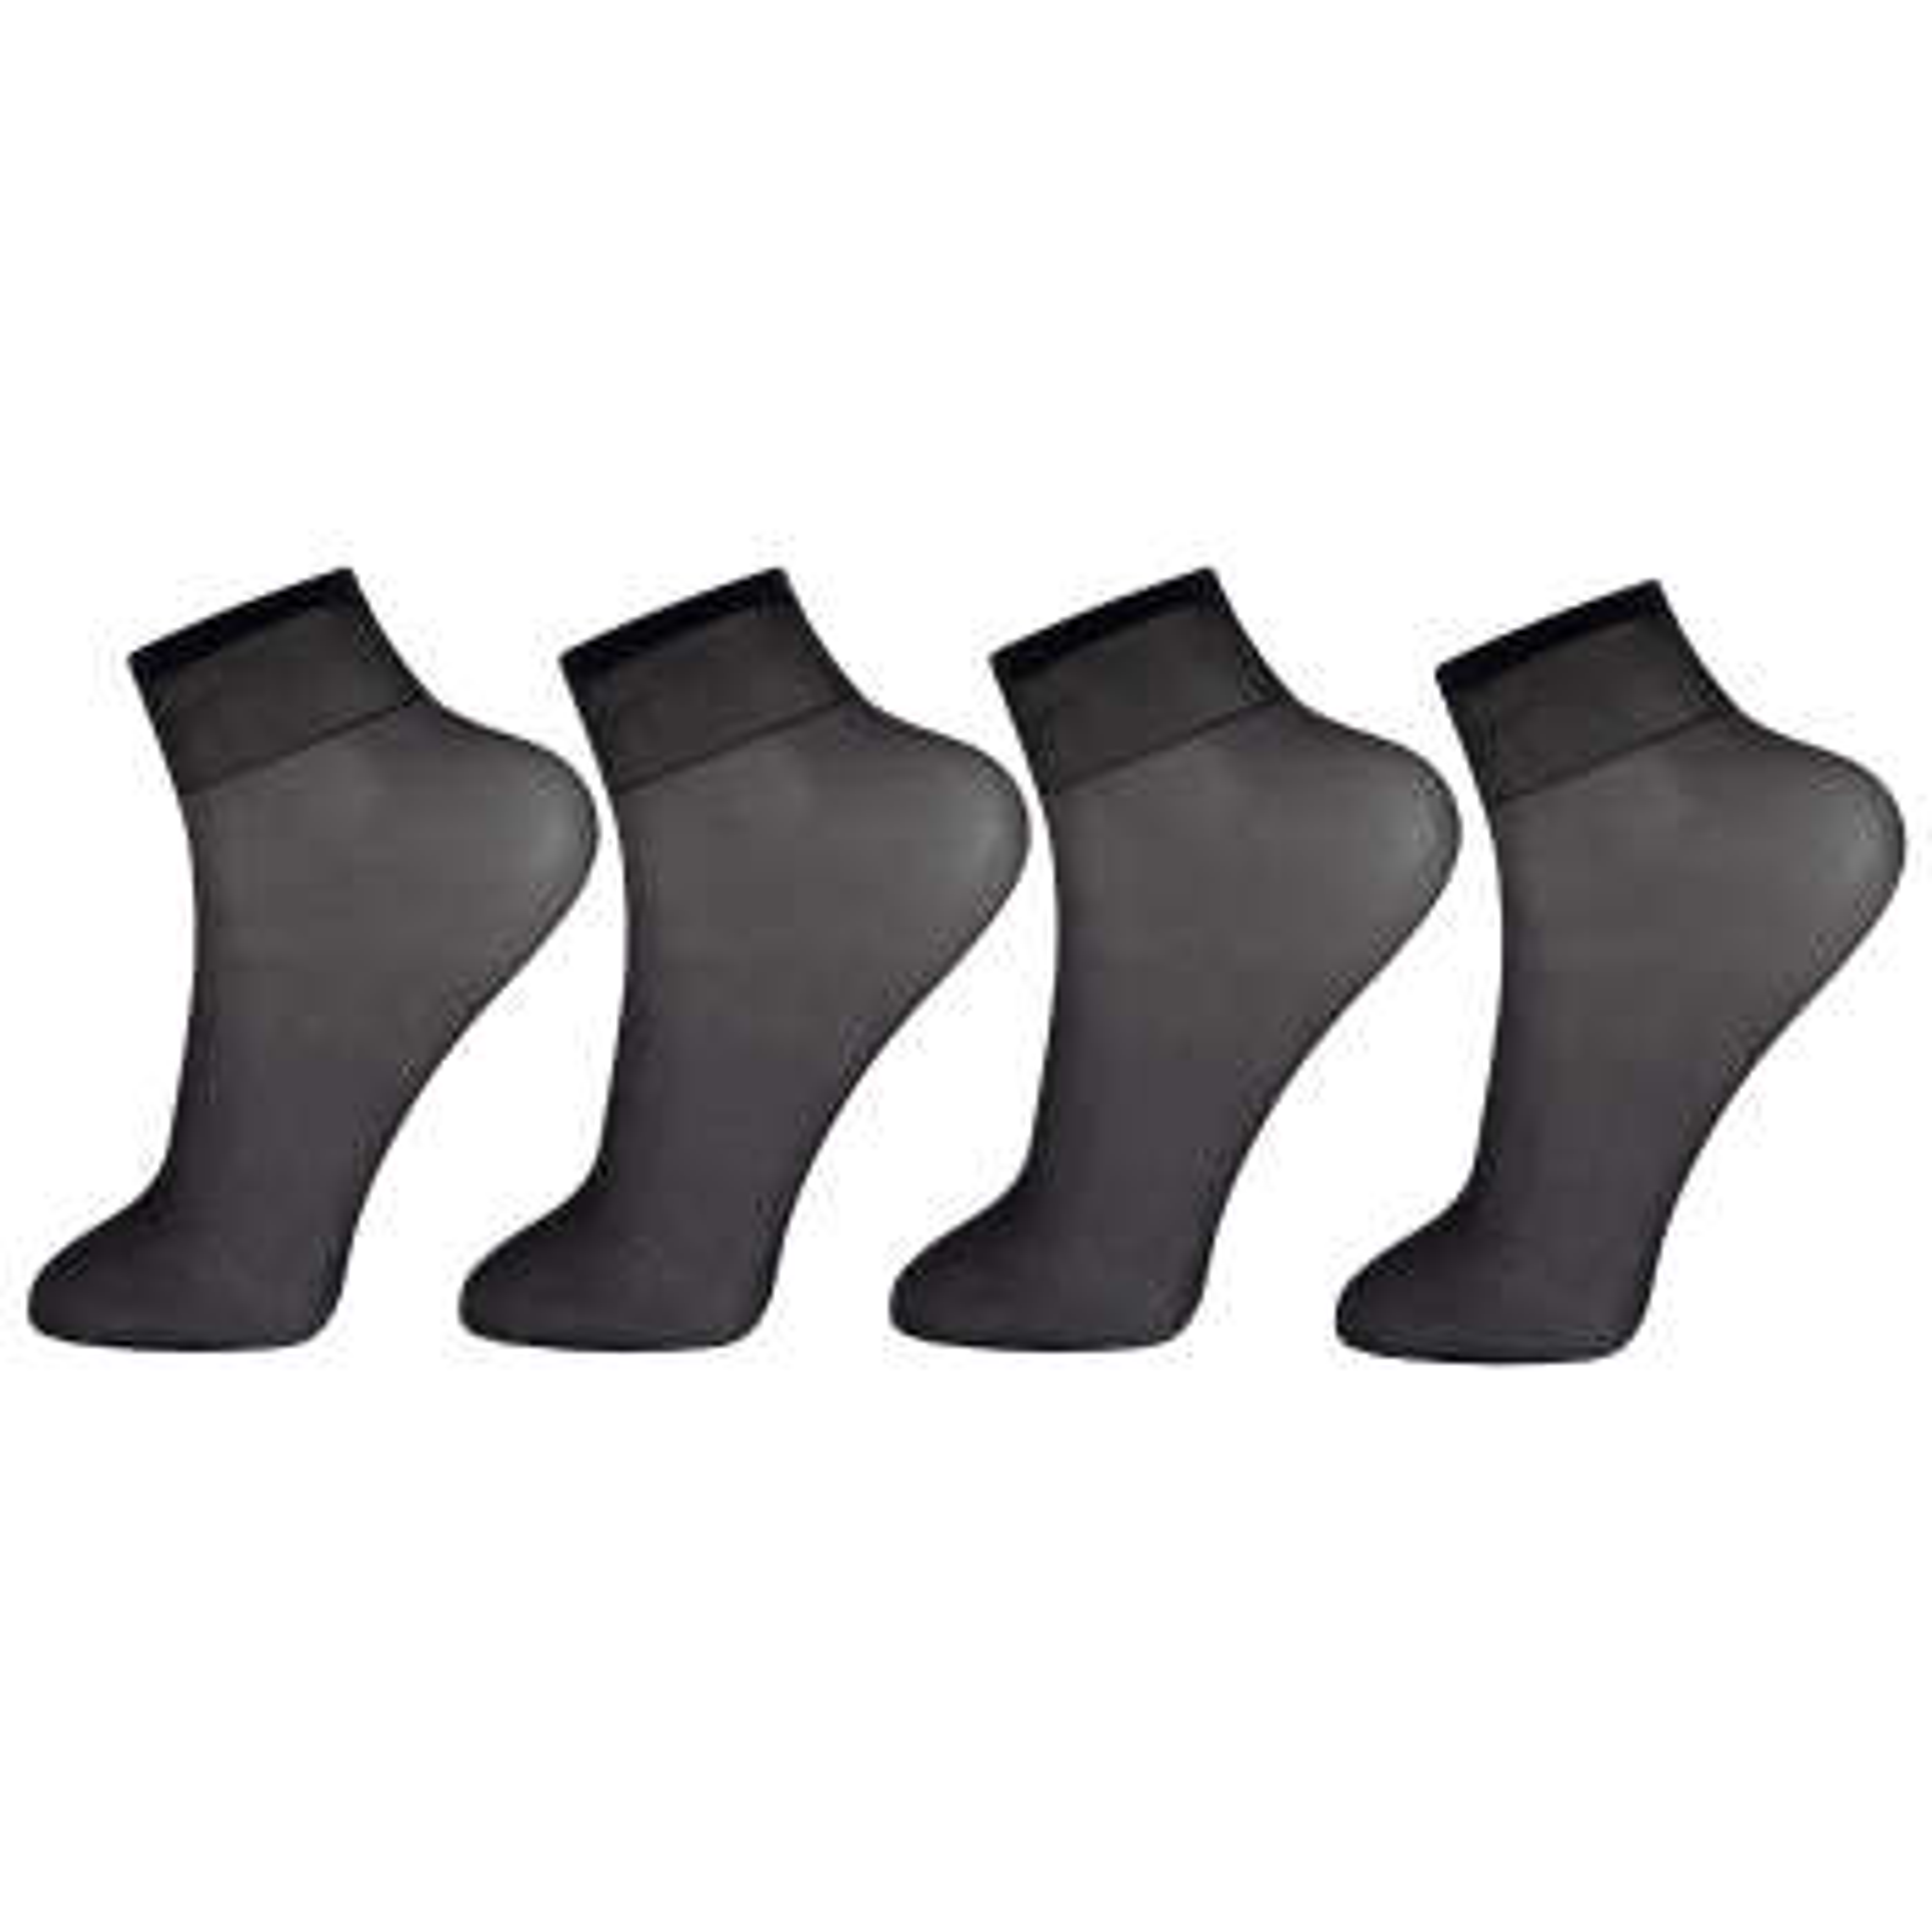 جوراب زنانه پنتی کد RG-PF 051-4 مجموعه 4 عددی